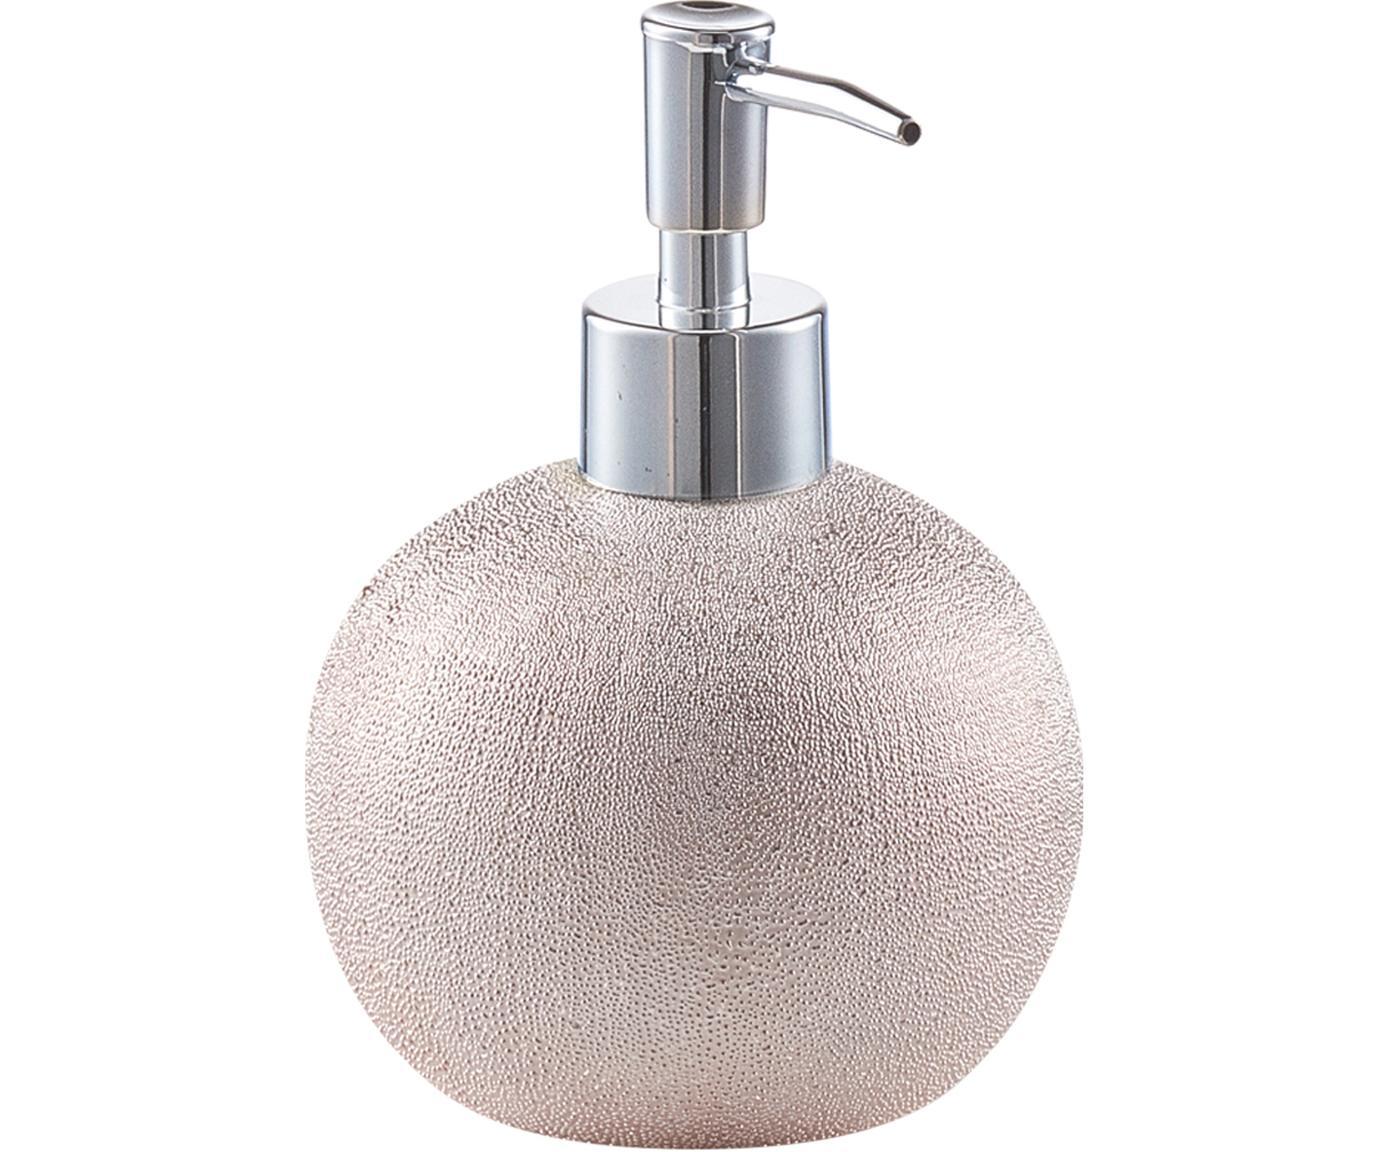 Seifenspender Glitter aus Steingut, Behälter: Steingut, Rosegoldfarben, Ø 10 x H 15 cm